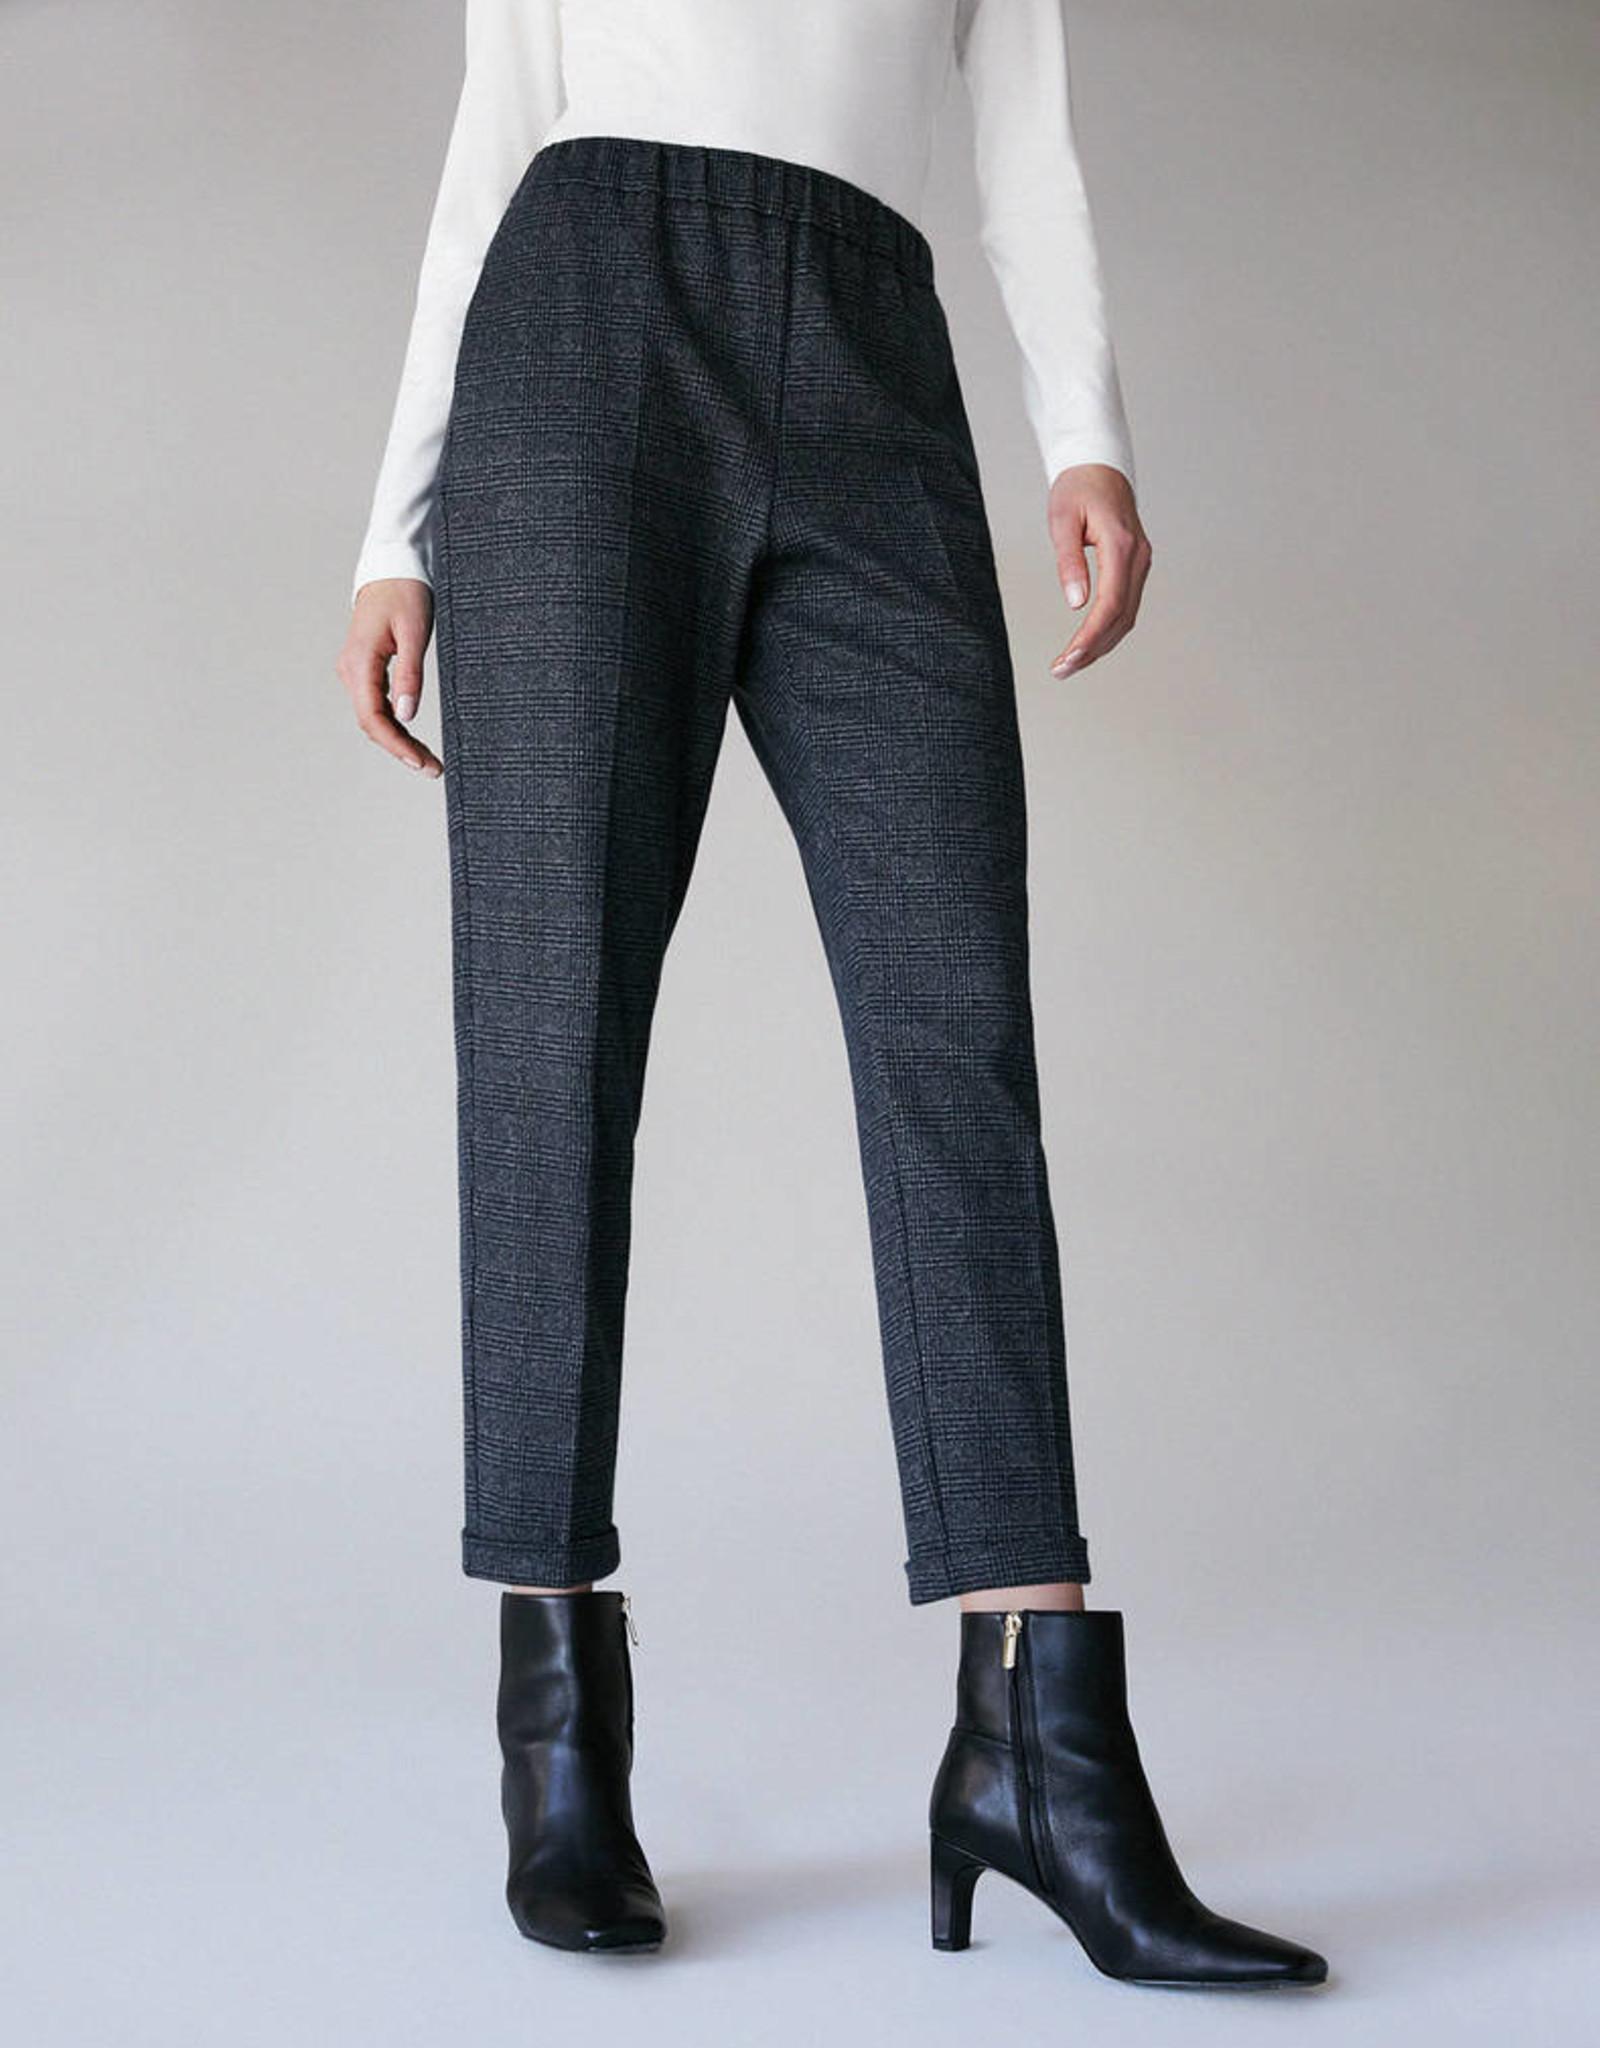 PENNYBLACK Pantalon Libero Grijze Ruit